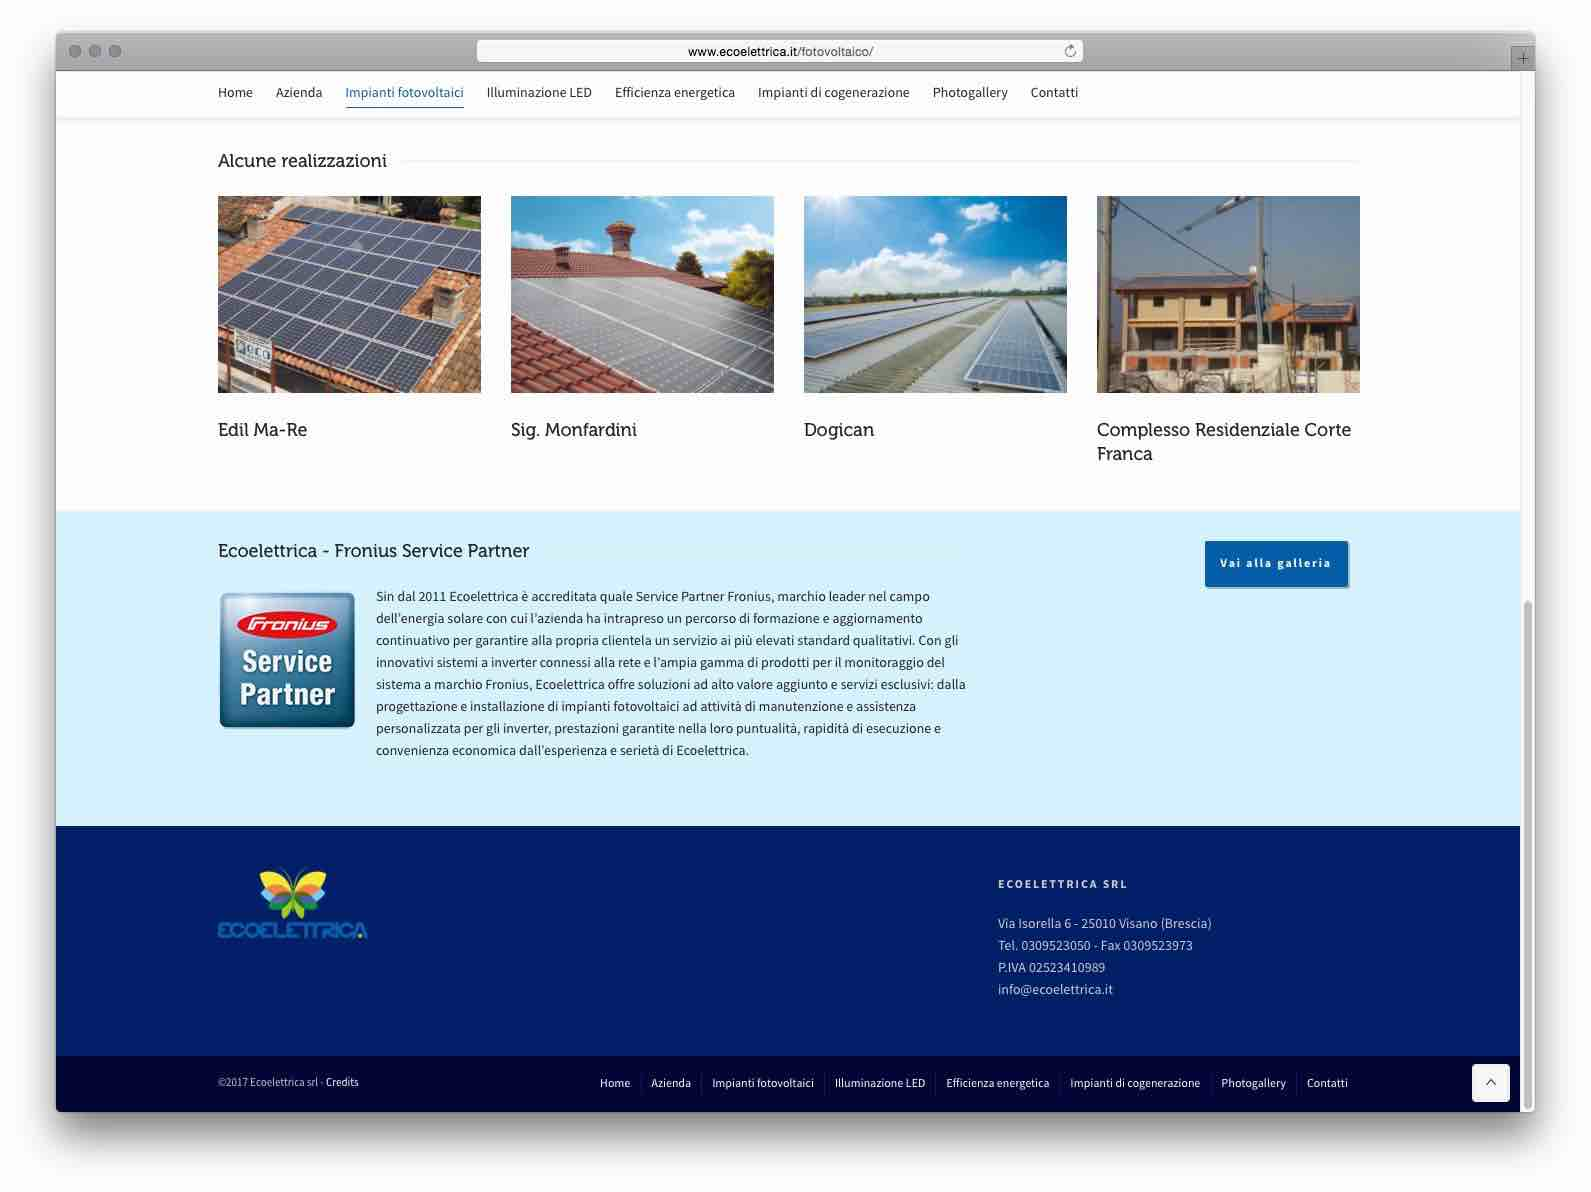 Creazione Siti Web Brescia - Sito Web Ecoelettrica